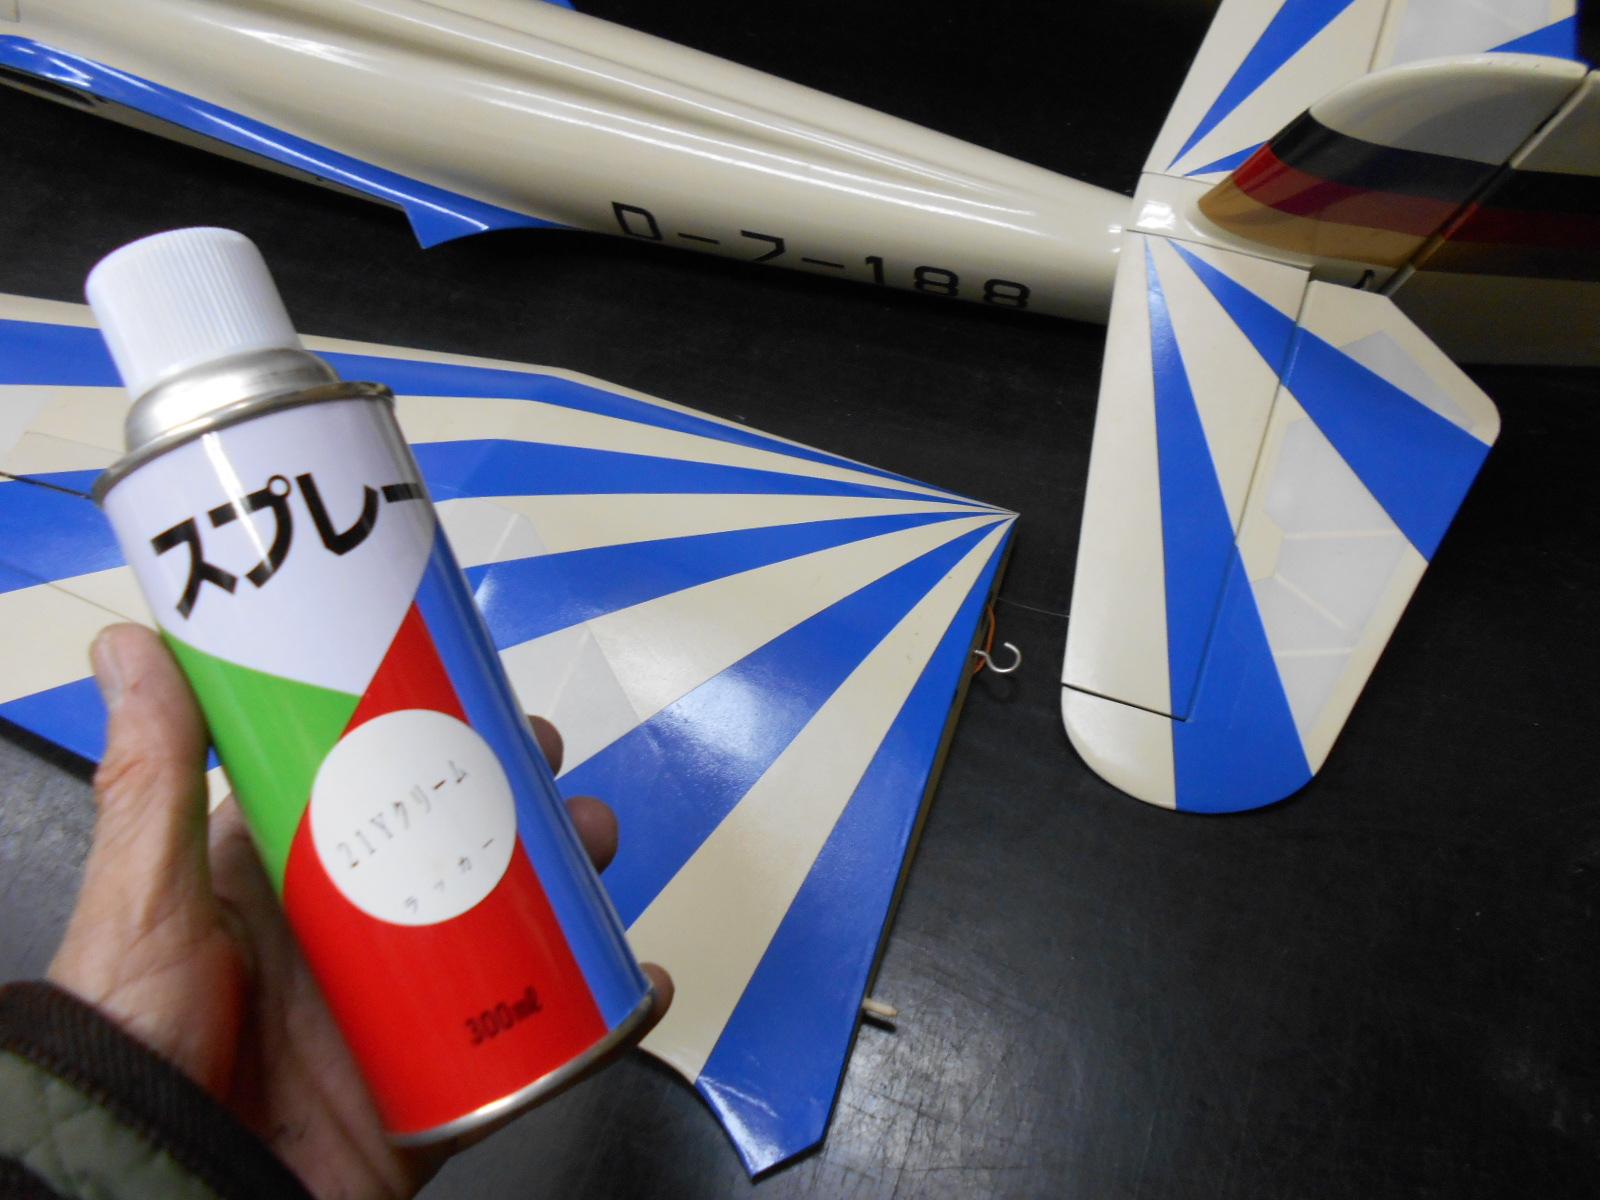 ヴィンテージ・グライダー用クリーム色スプレー_e0146402_20542718.jpg